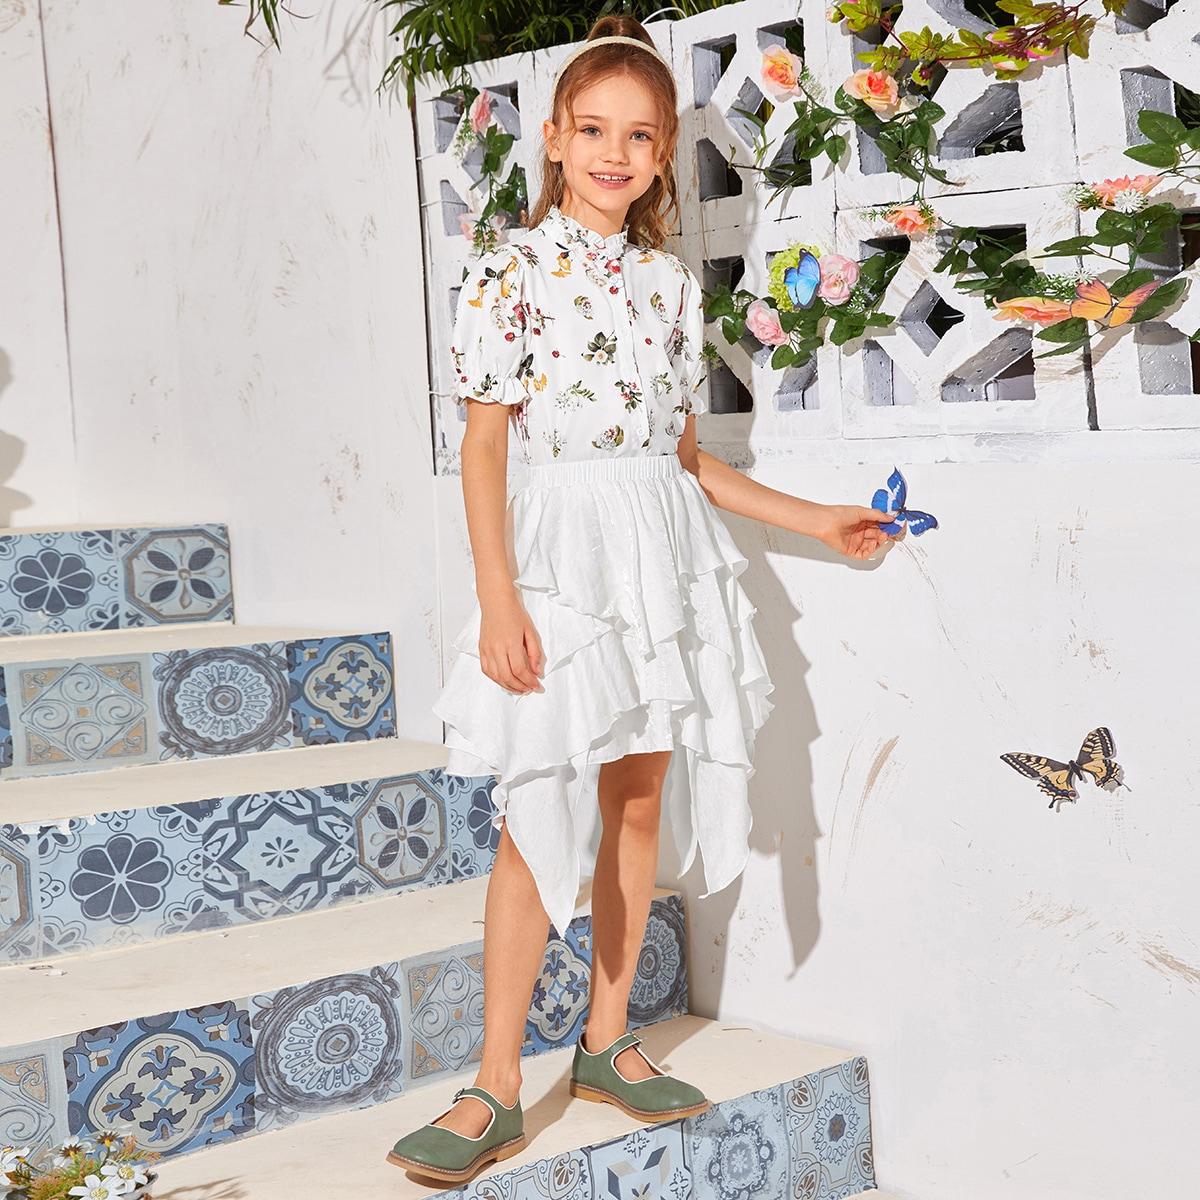 Юбка с оборкой и блузка с цветочным принтом, оборкой для девочек фото